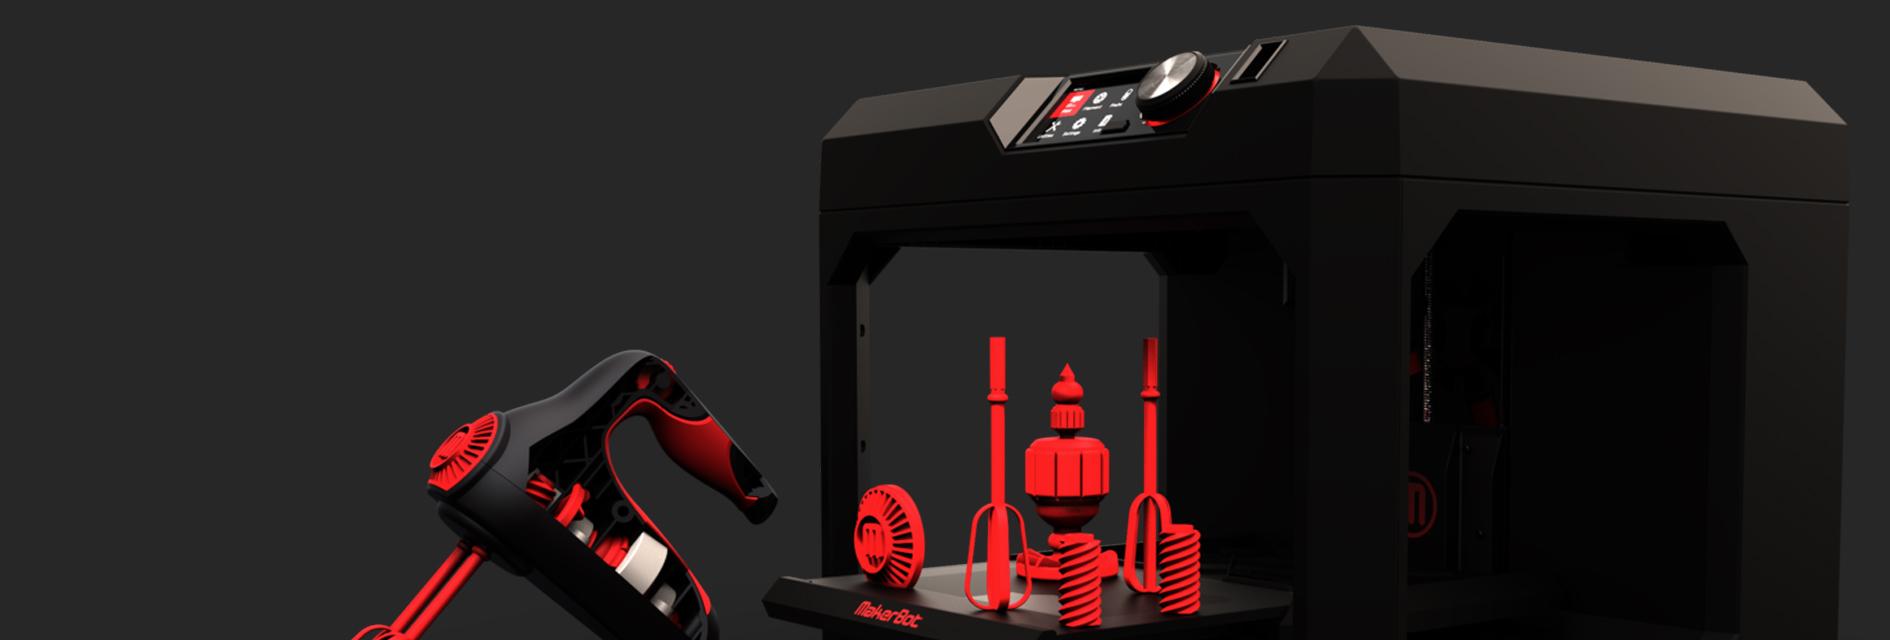 3D Drucker und MakerBot Schweiz Reseller, Support und Bildungs Webseite. 3D Drucker Lösungen / Schulungen aus Zürich für Schule, Bildungsinstitutionen, Unternehmen und Private.